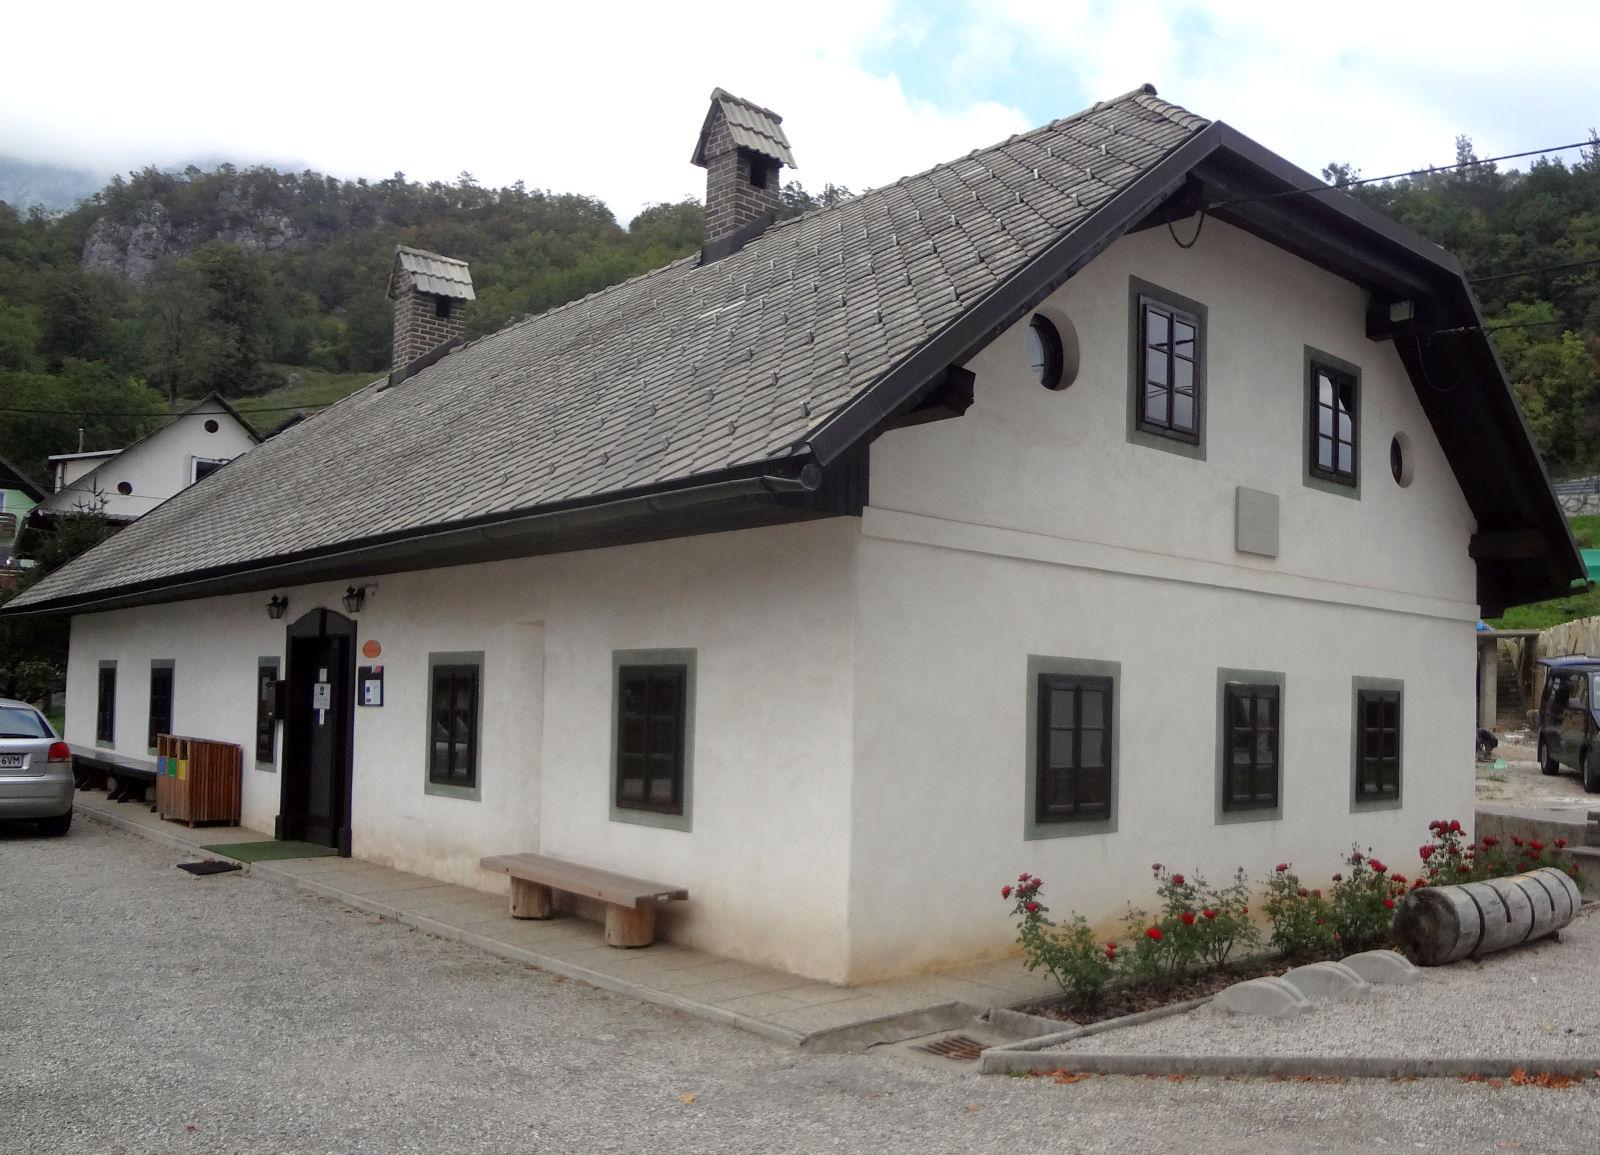 zirovnica-institute-tourism-culture